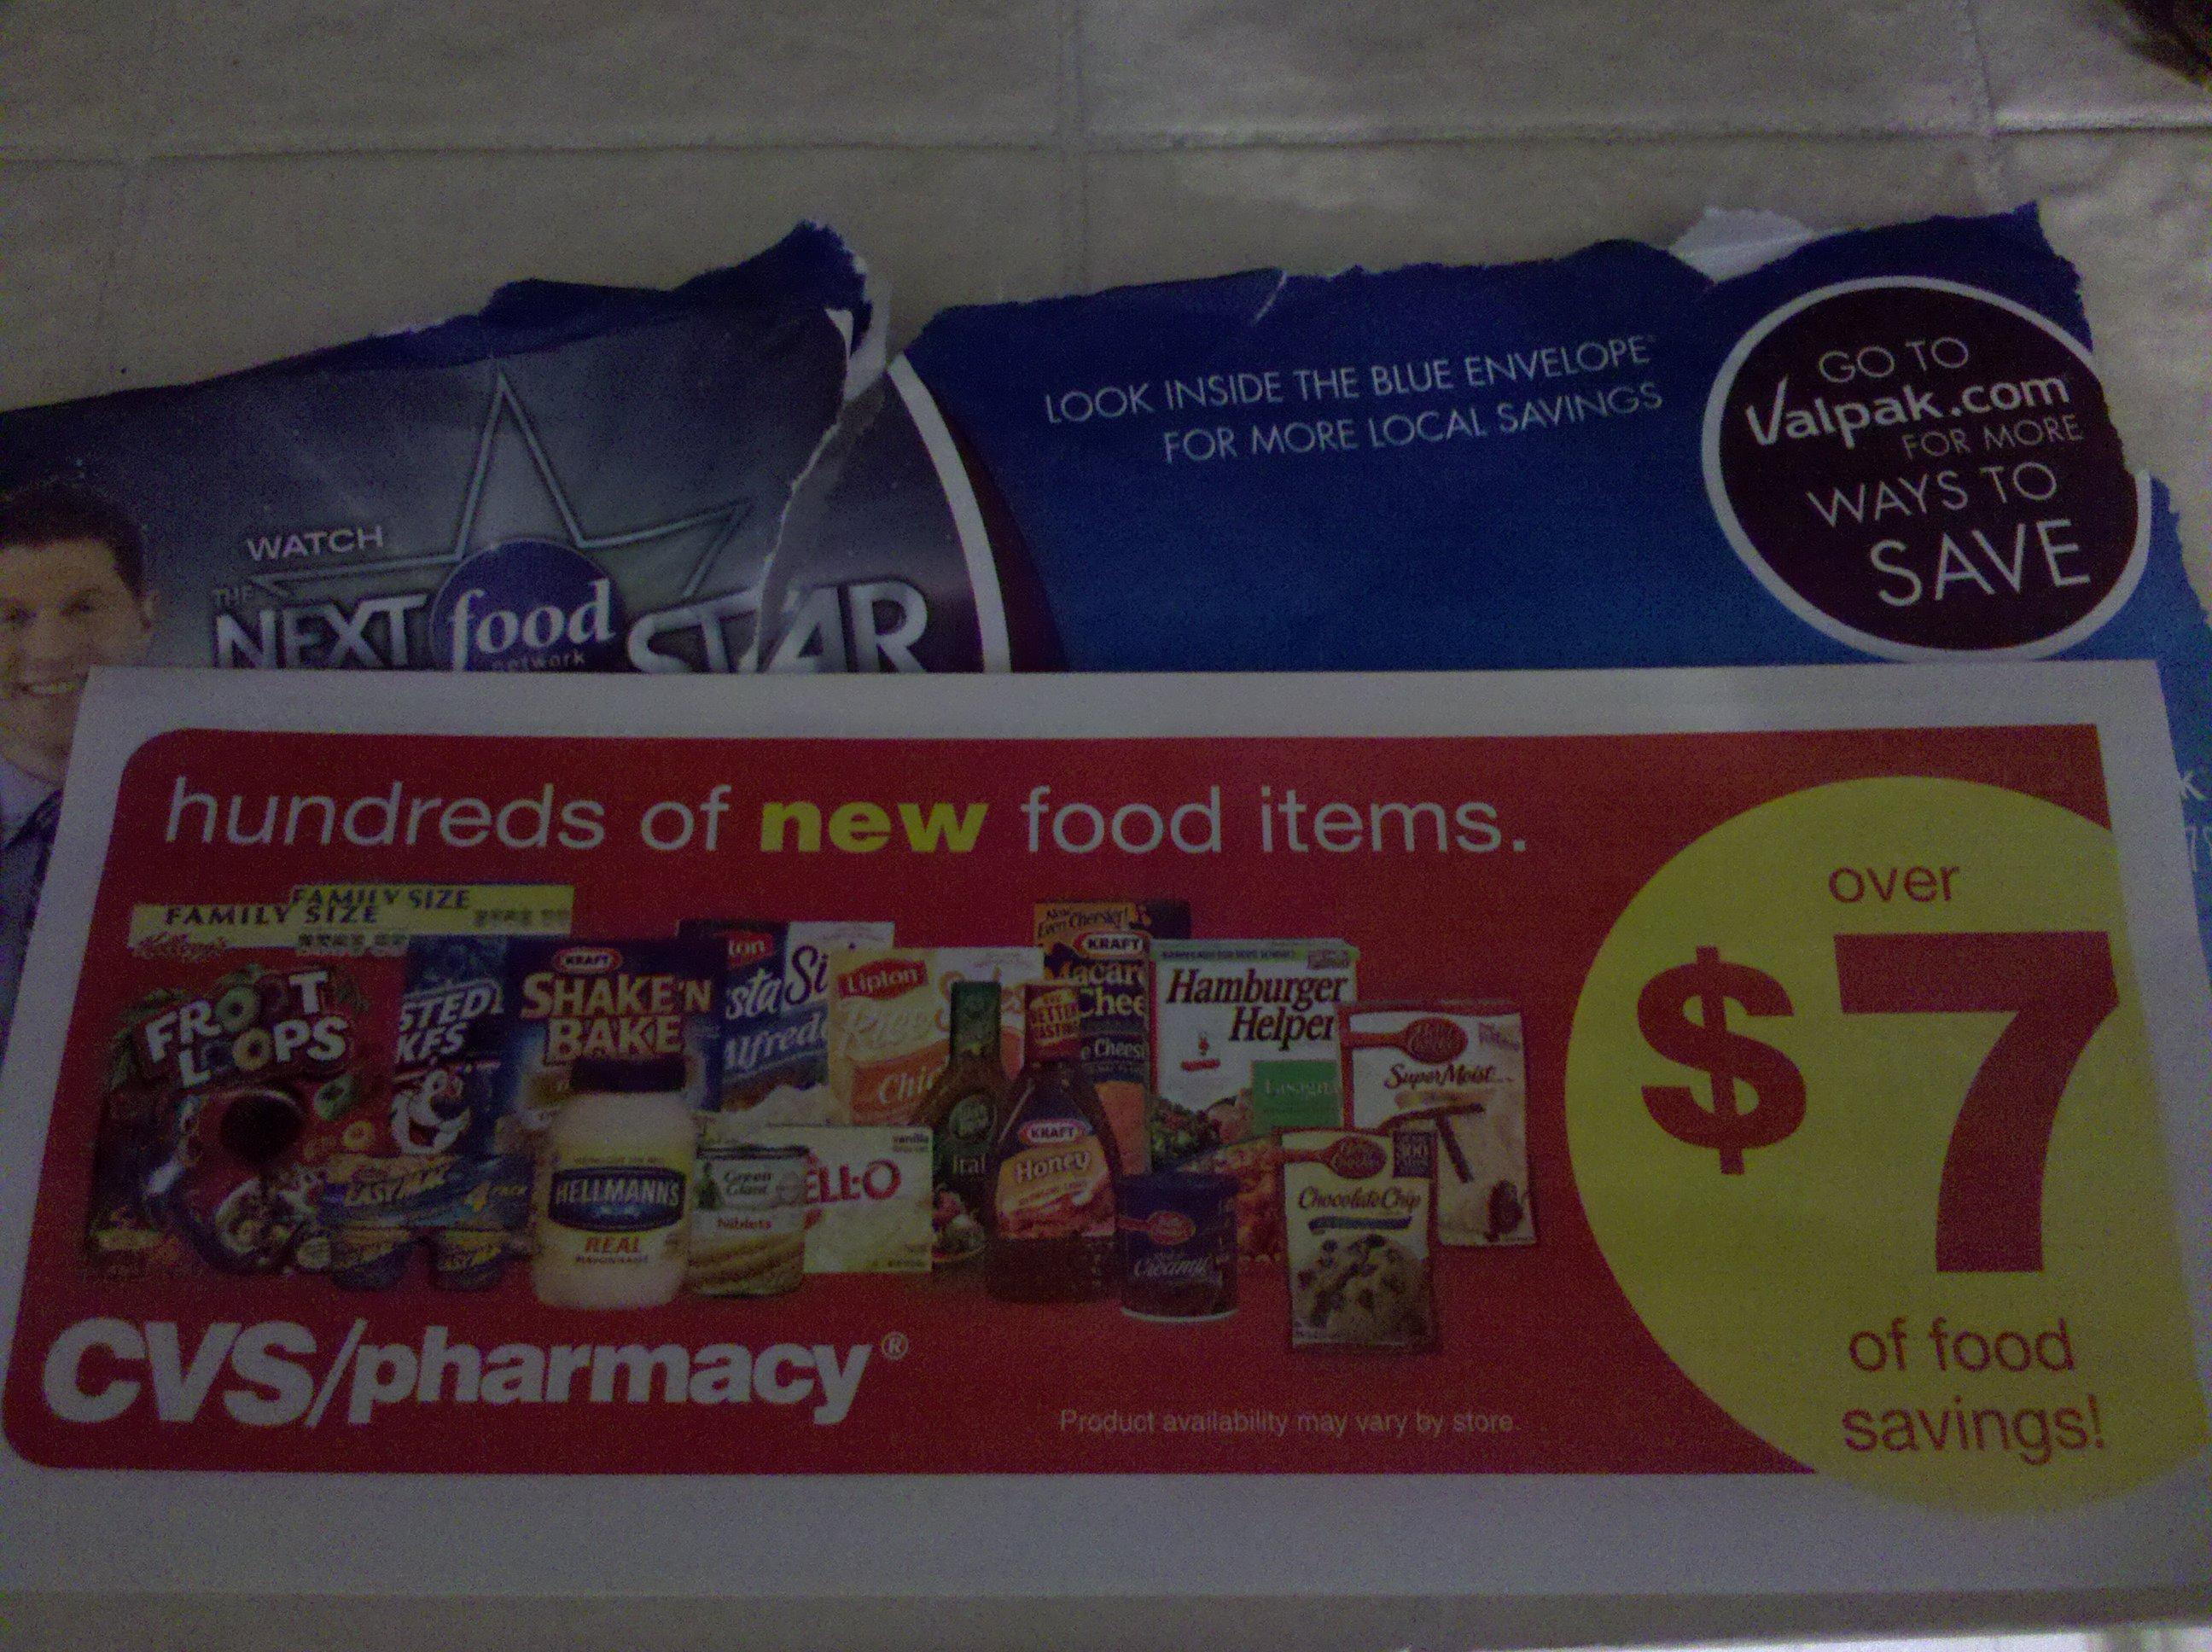 Valpak coupons